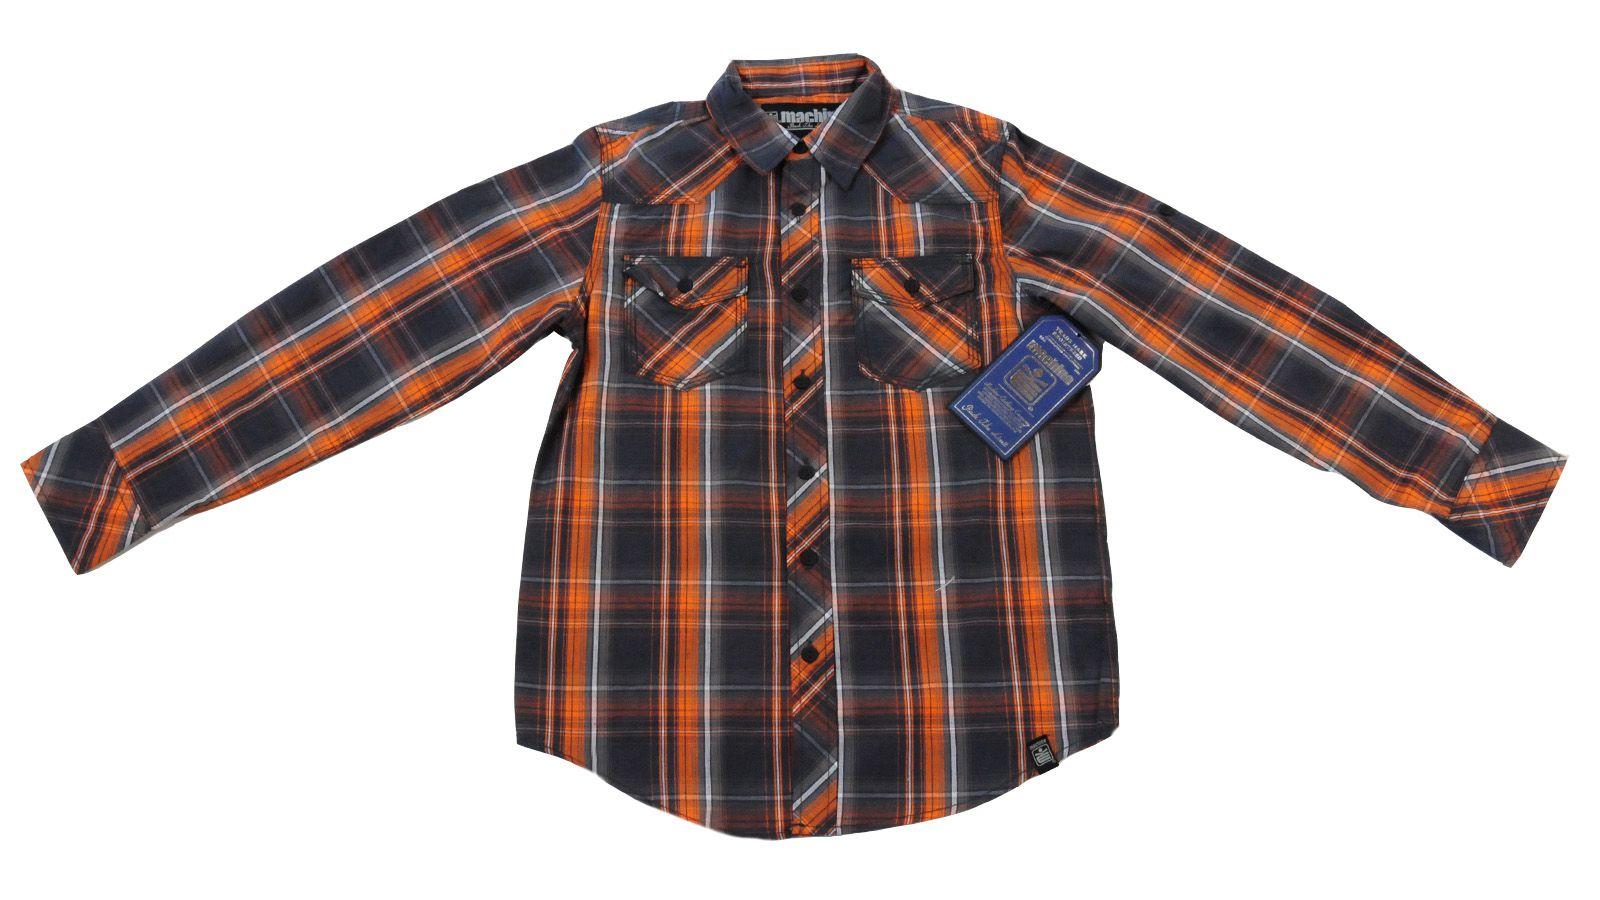 Рубашка брендовая для детей и подростков Machine-вид спереди